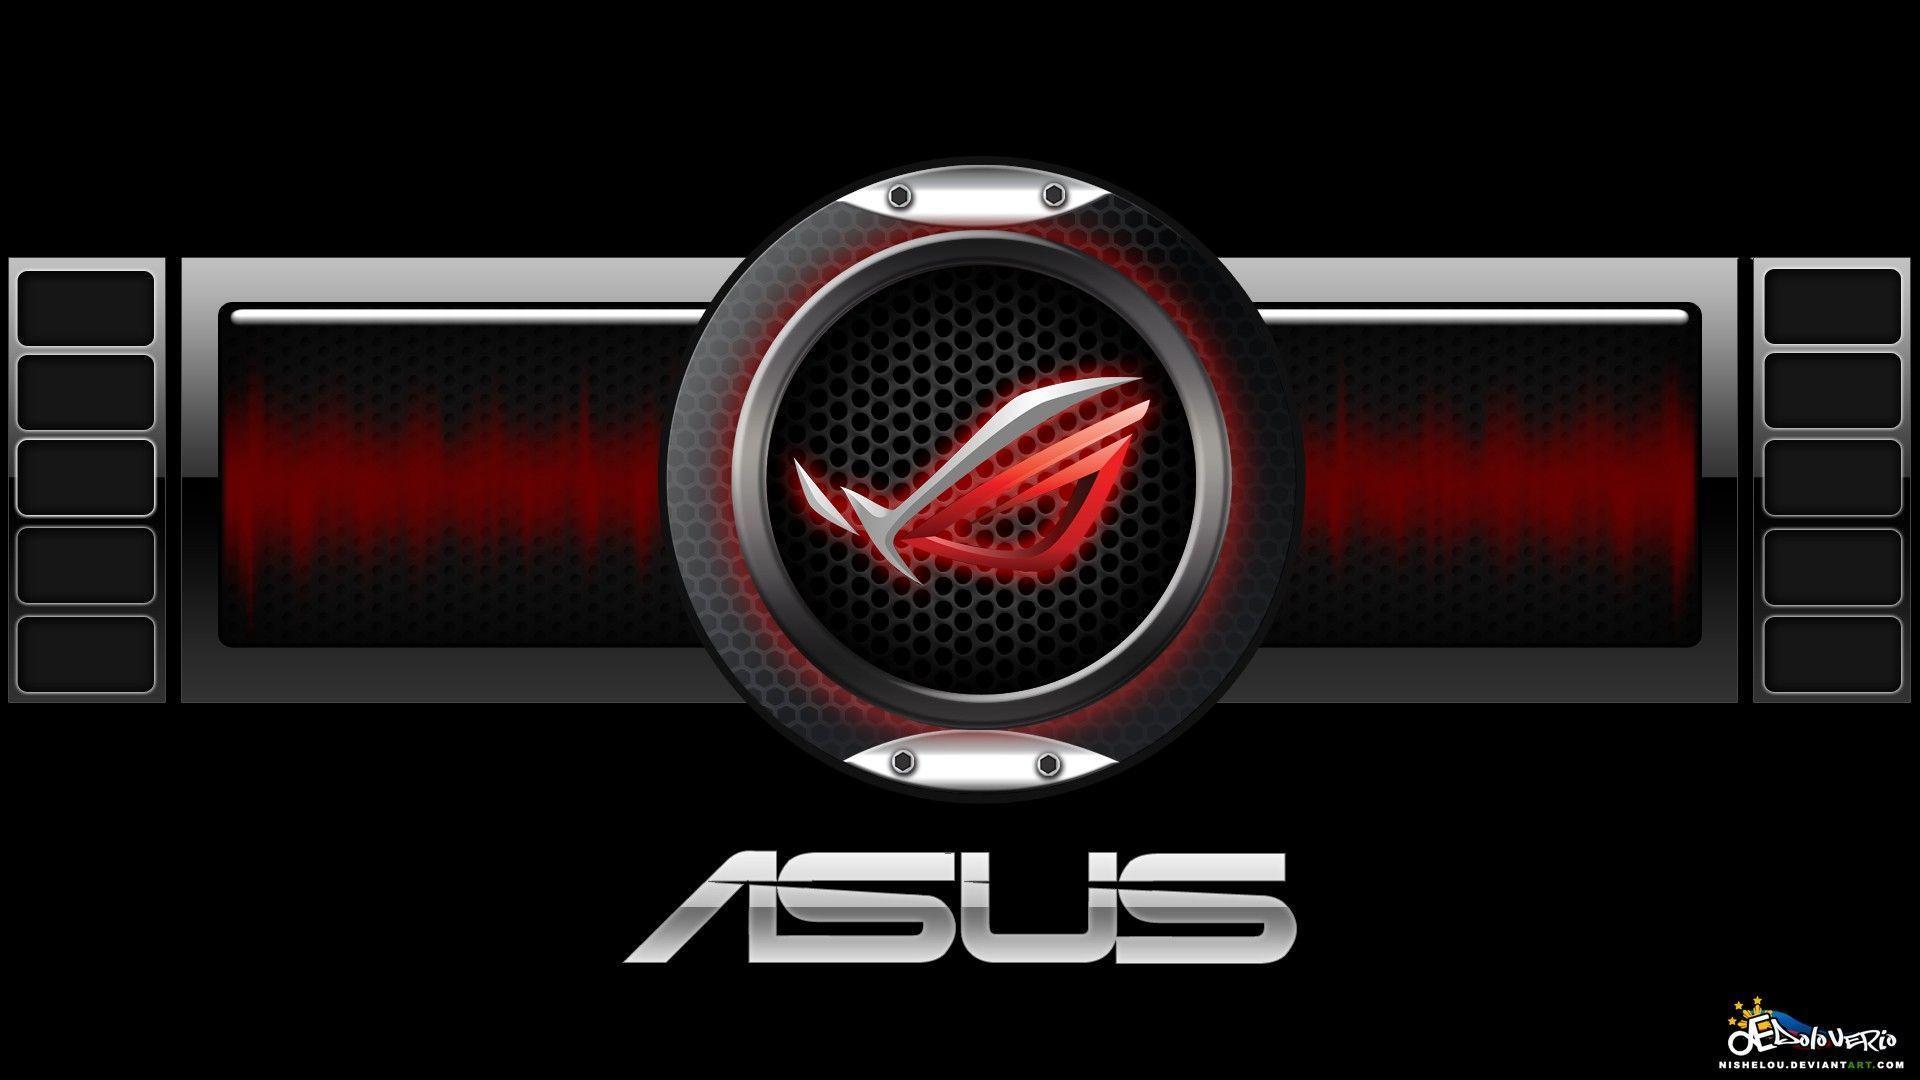 Download Latest Design ASUS ROG Wallpaper 4364 Desktop Wide